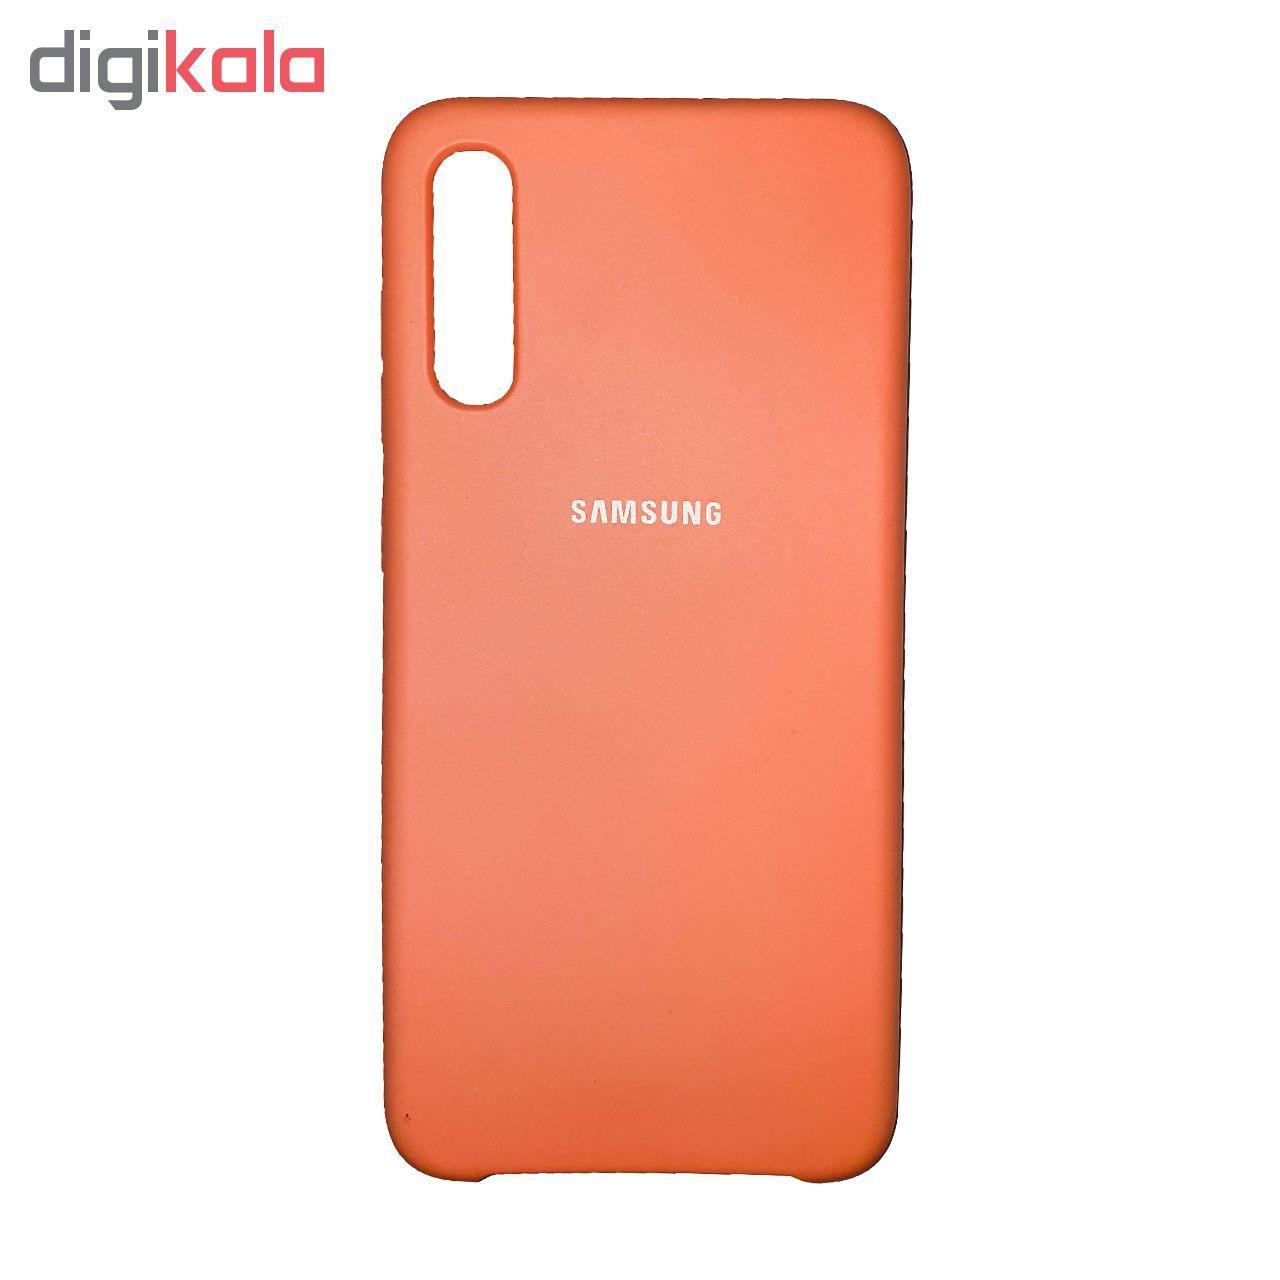 کاور سامسونگ مدل Slc مناسب برای گوشی موبایل سامسونگ Galaxy A70 main 1 2